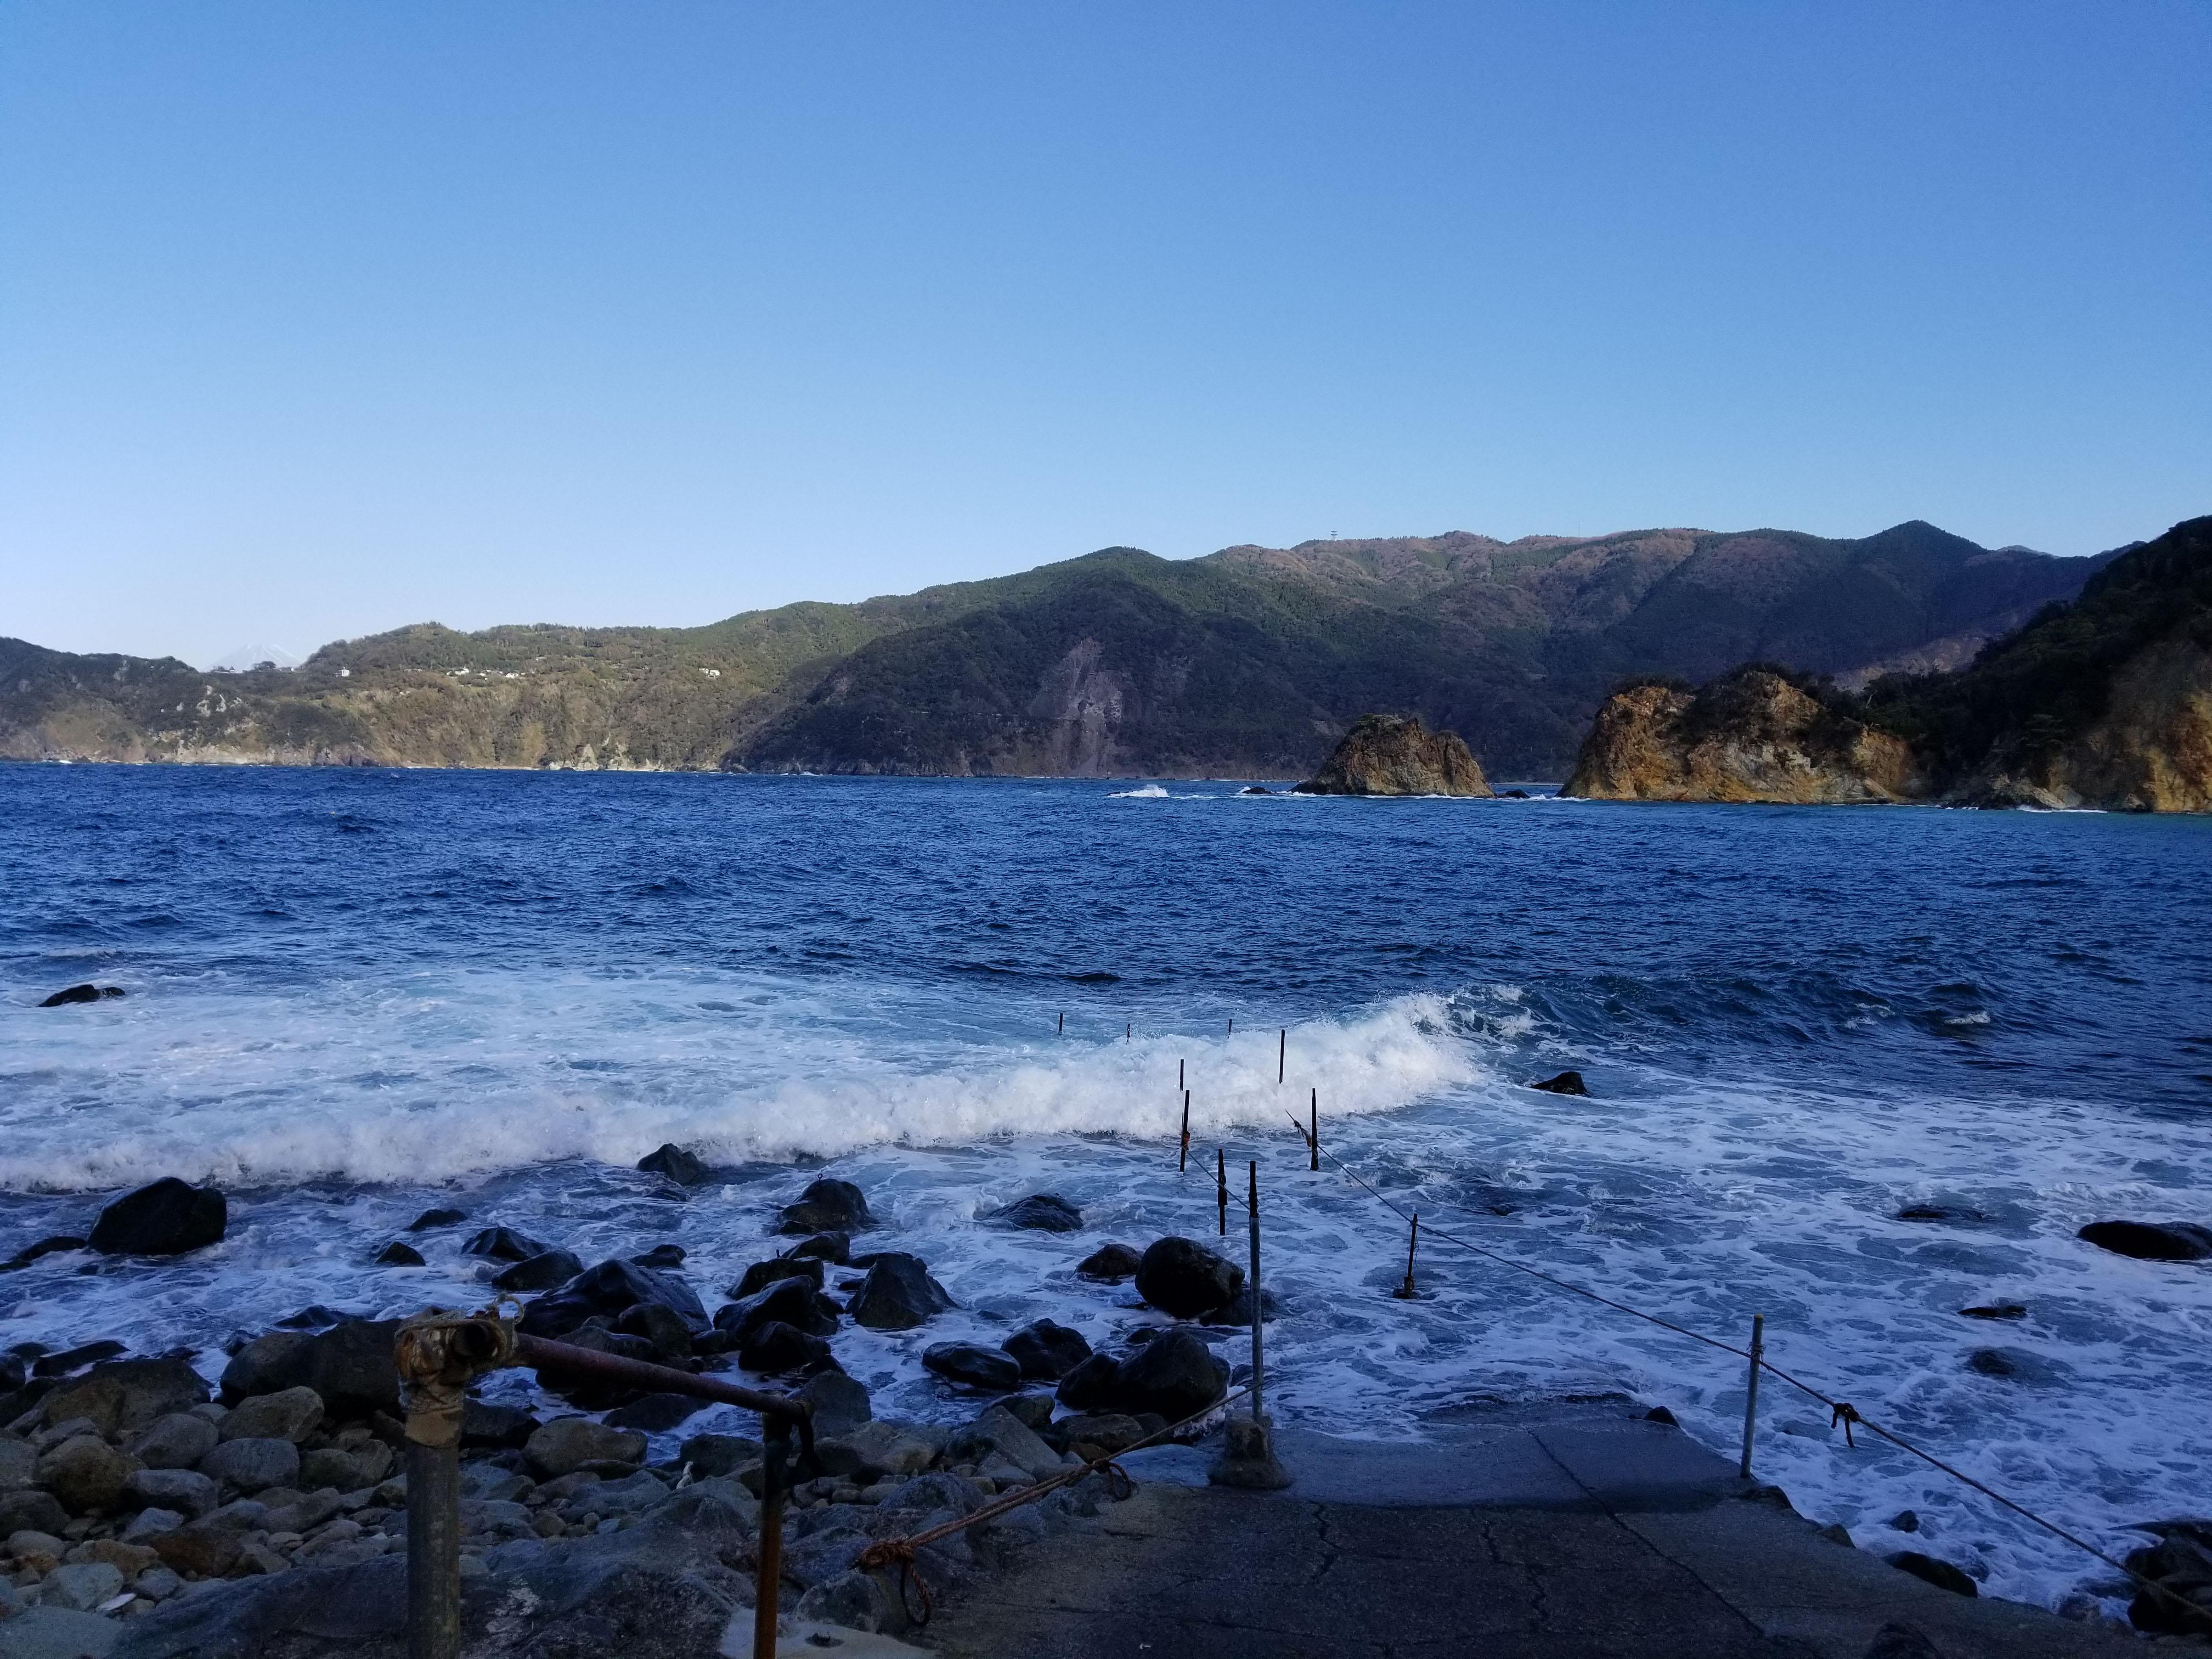 海:静岡県西伊豆町黄金崎公園ビーチのダイビングで見れました。ここはダイビングはもちろんシュノーケリング(スノーケリング)や体験ダイビングも楽しめる絶景ポイントです。